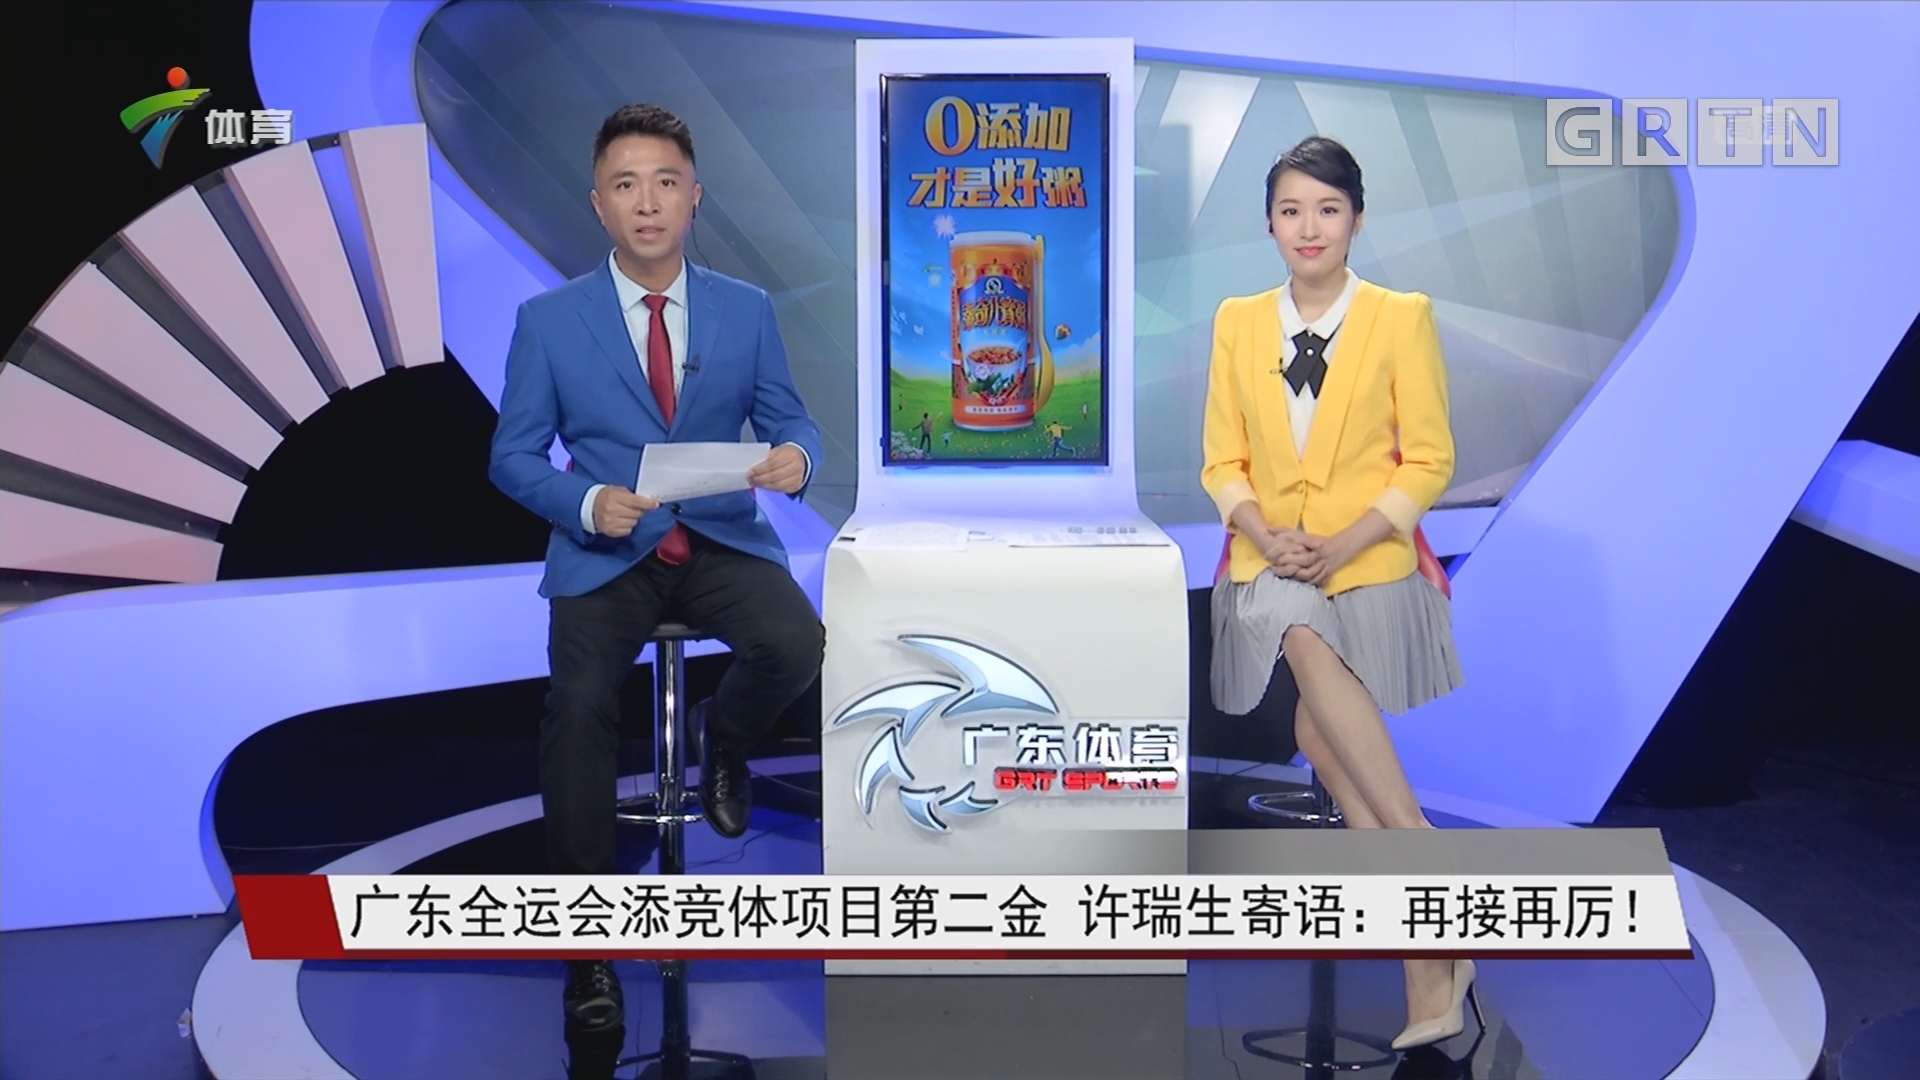 广东全运会添竞体项目第二金 许瑞生寄语:再接再厉!